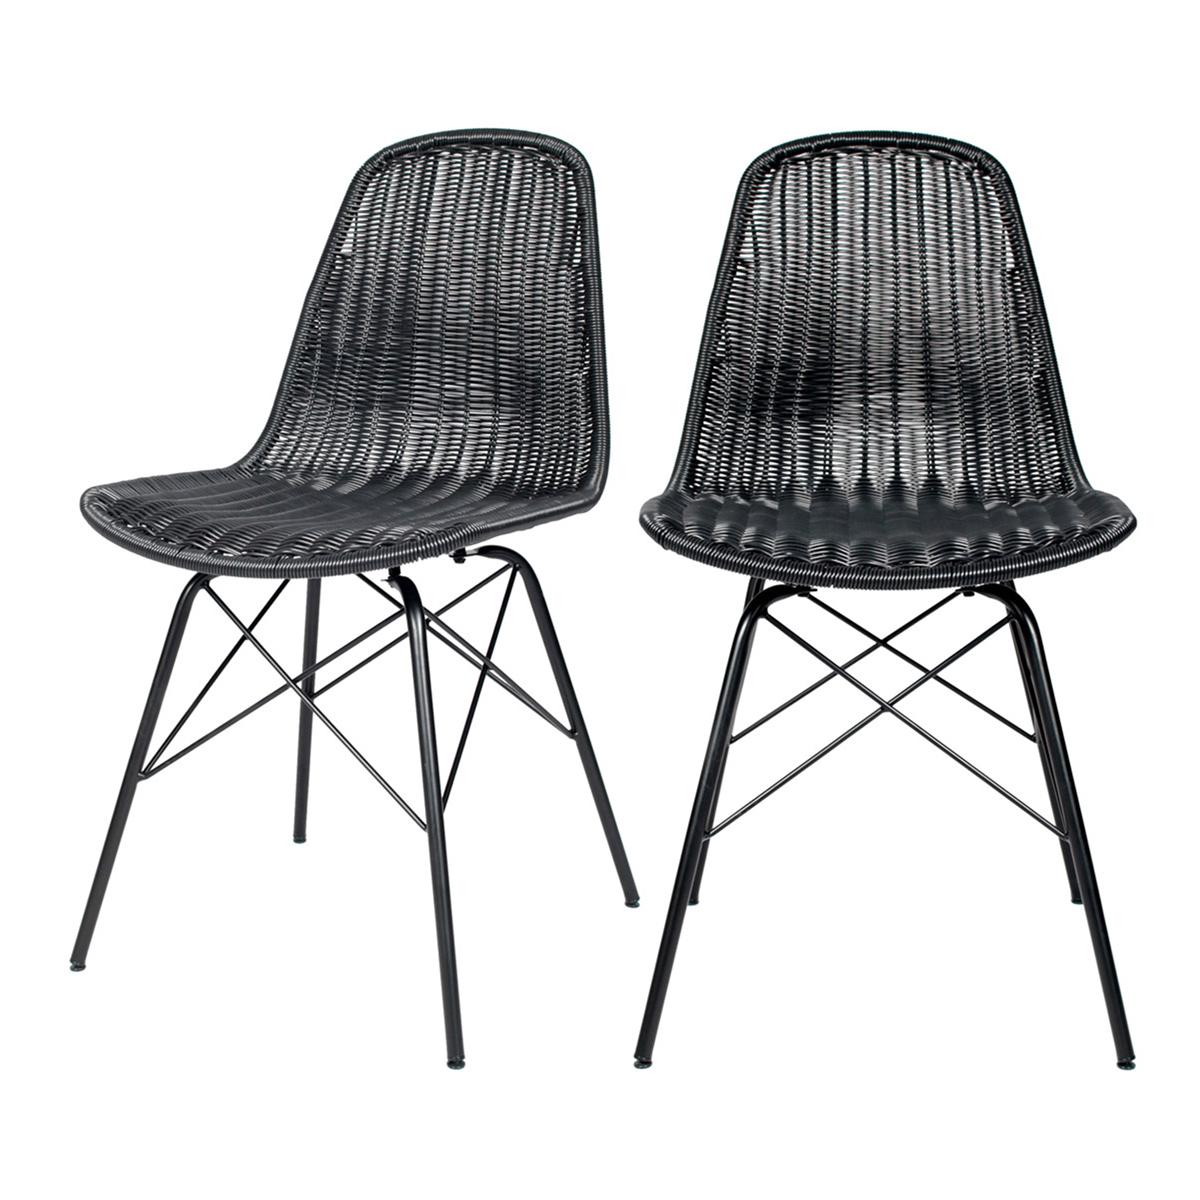 Chaise en résine tressée noir (lot de 2)